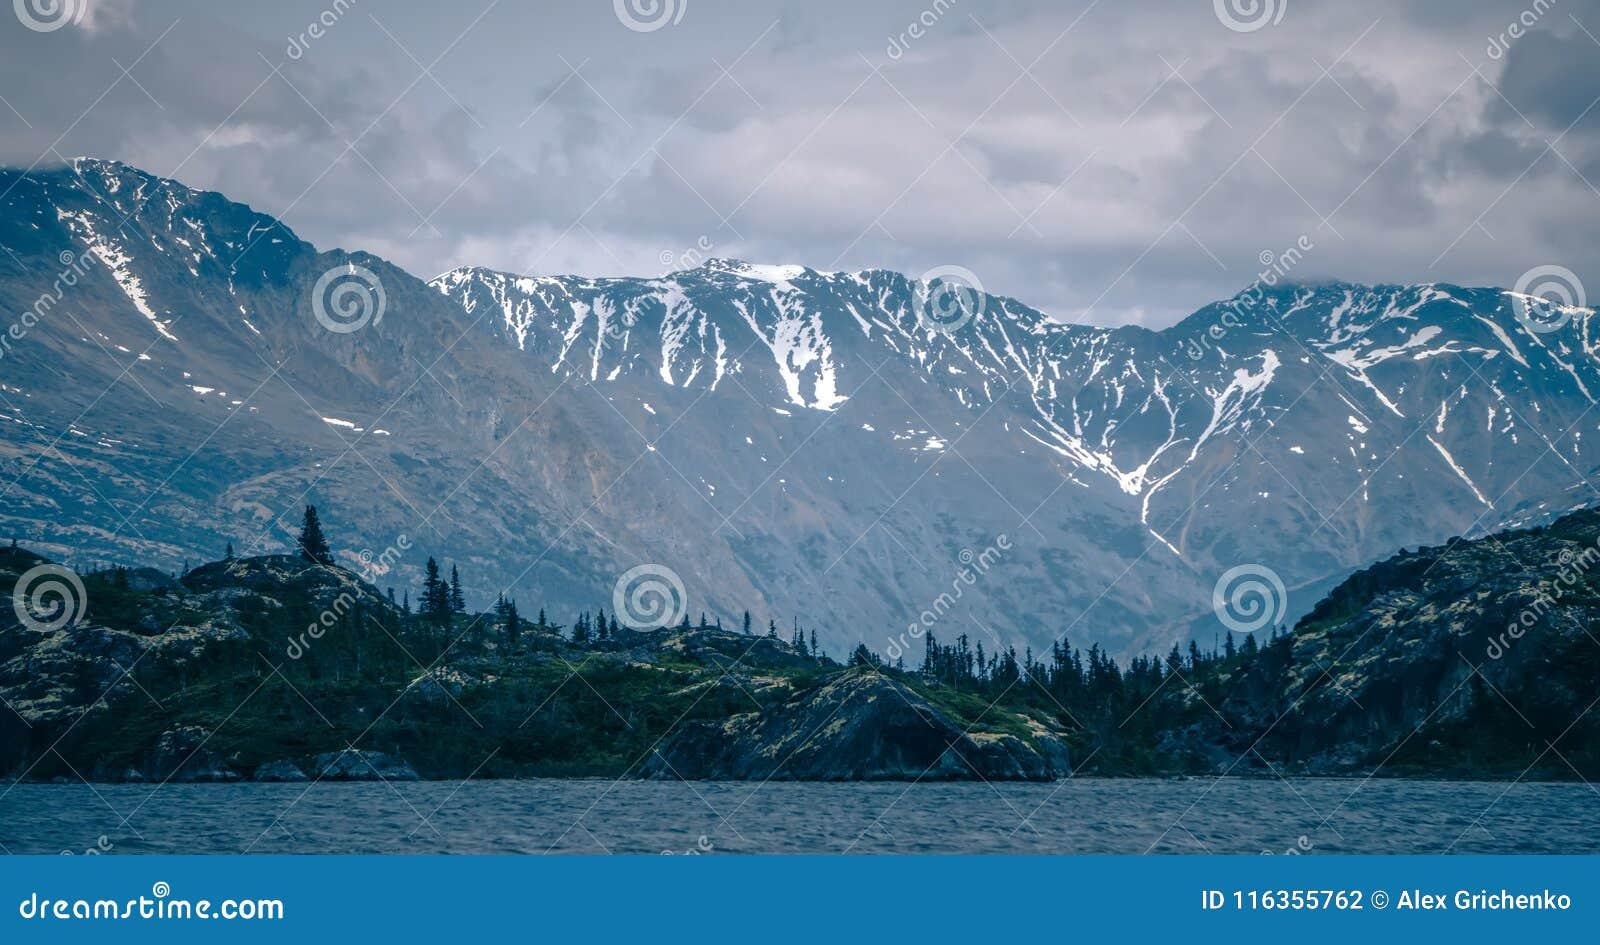 De rotsachtige scènes van de bergenaard op de Britse Colombia grens van Alaska